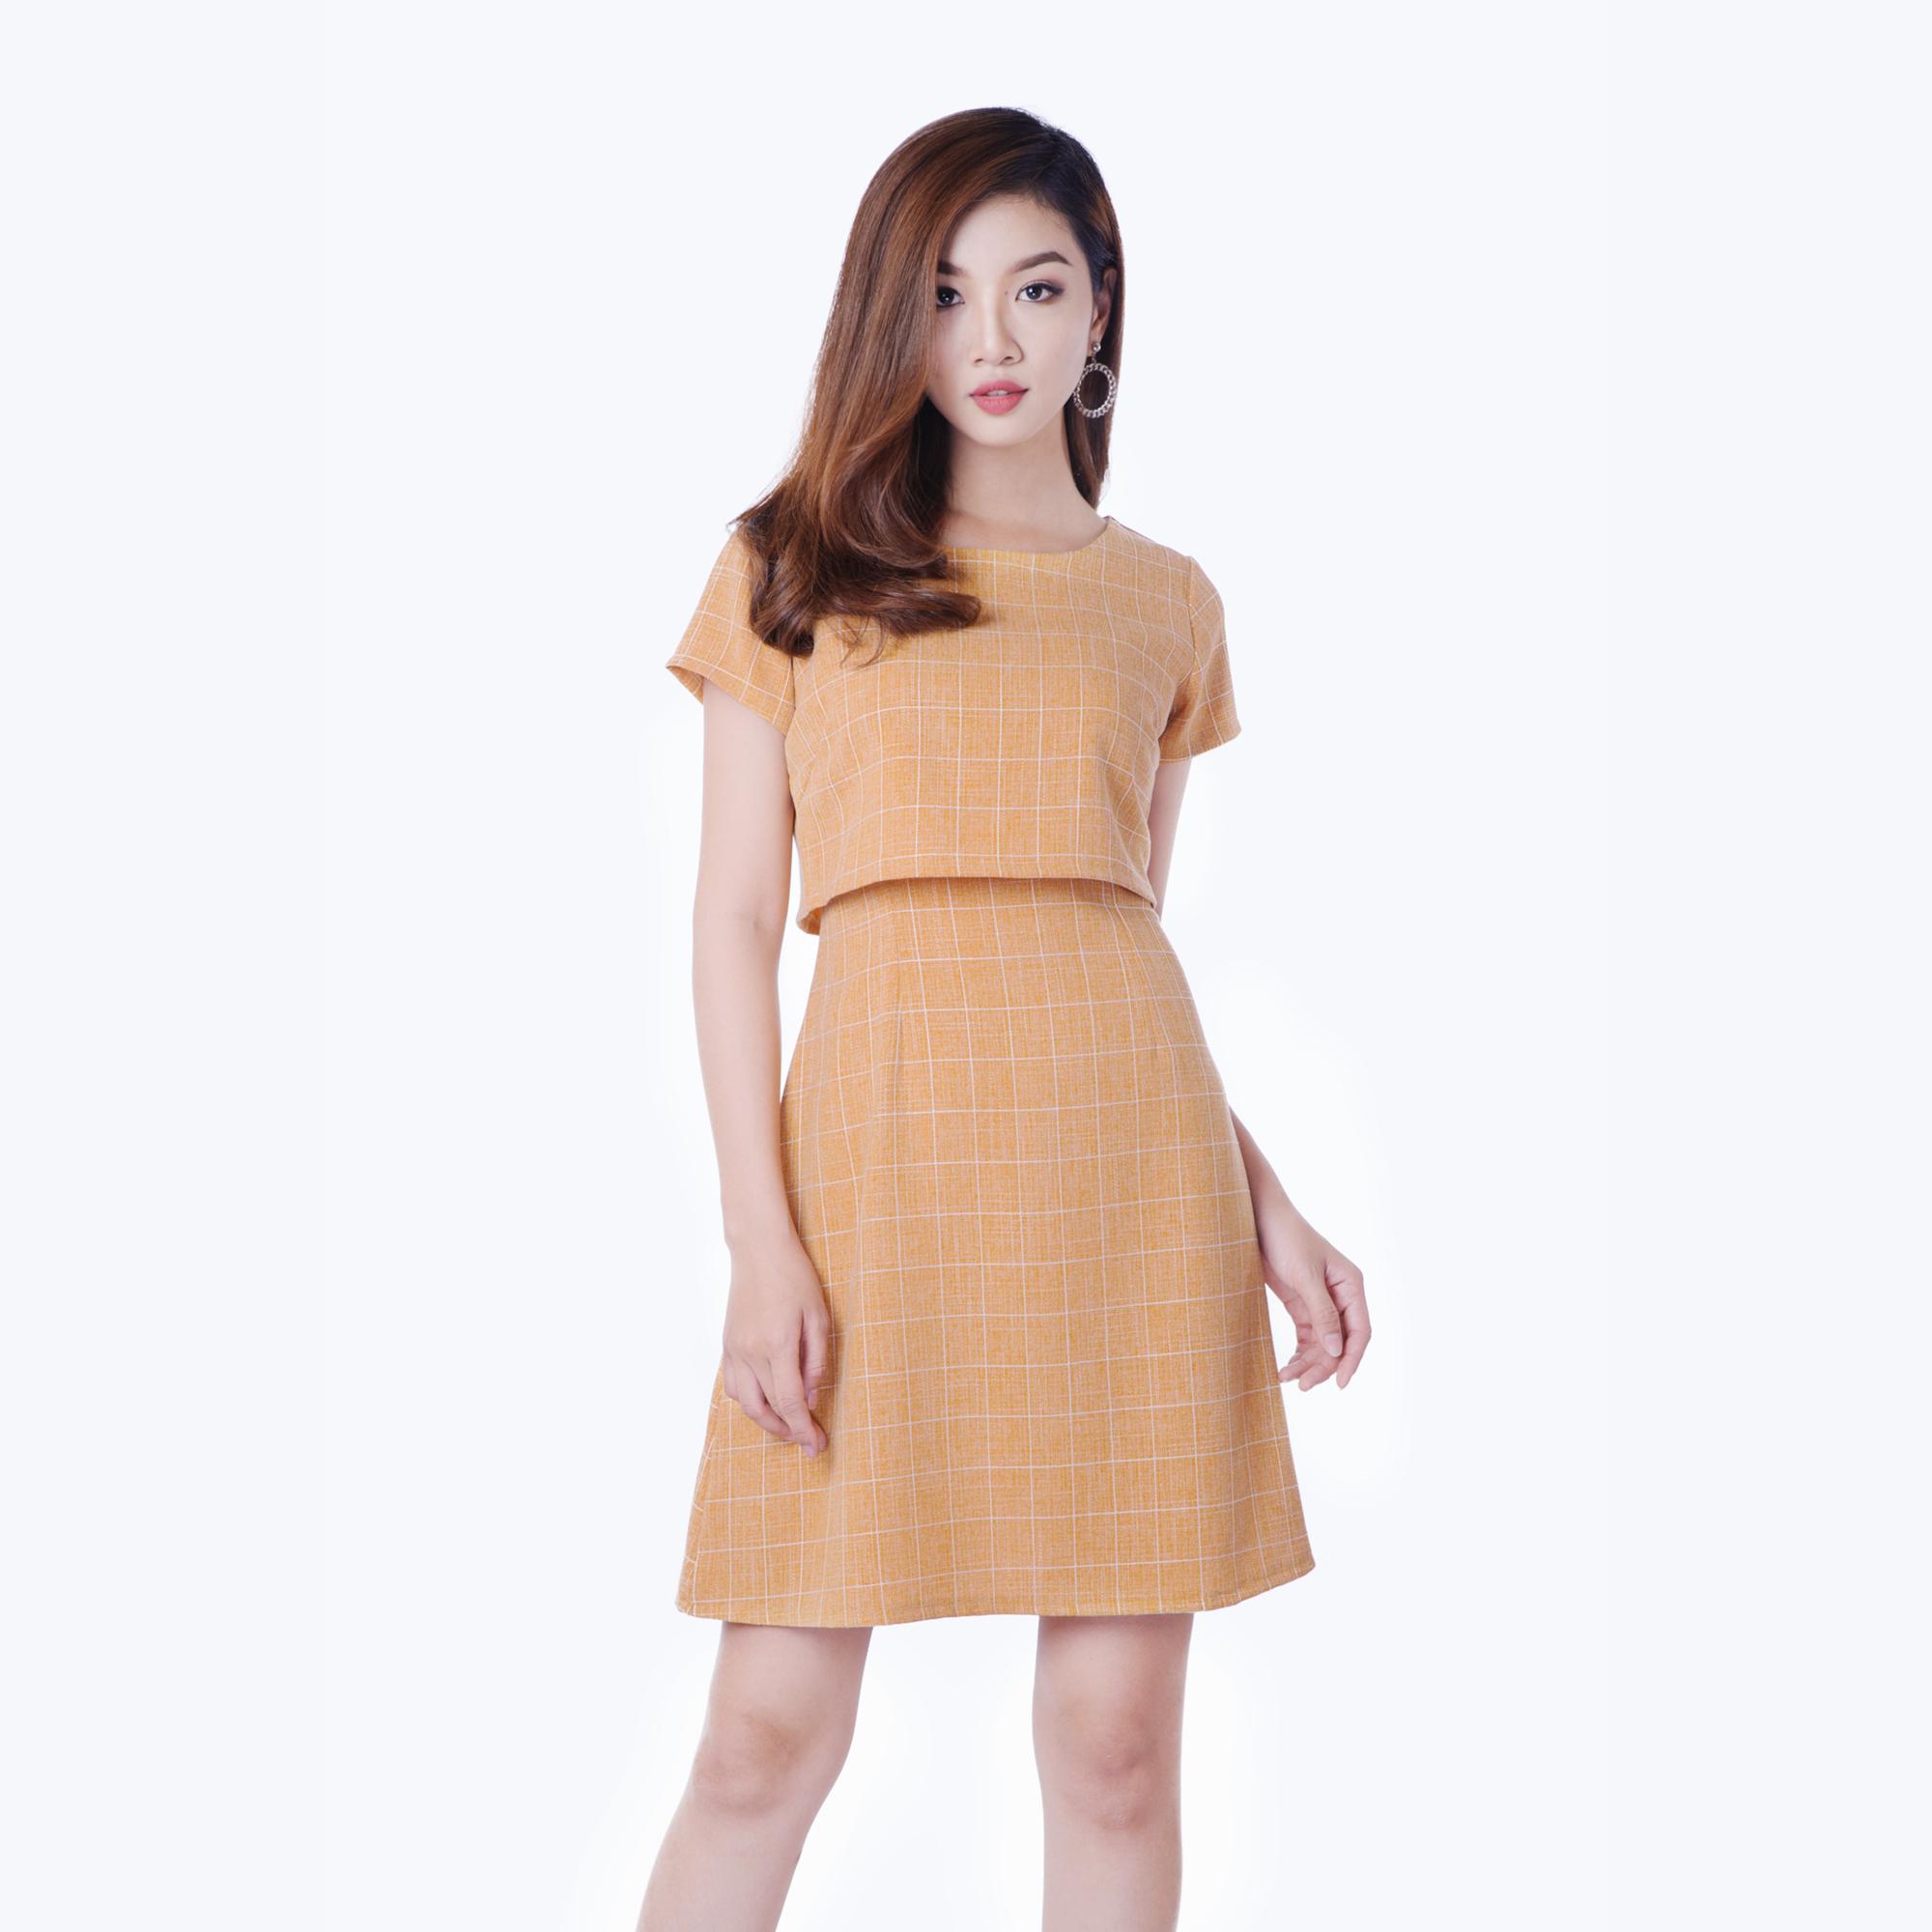 Đầm phối áo croptop thời trang Eden (cam) d158